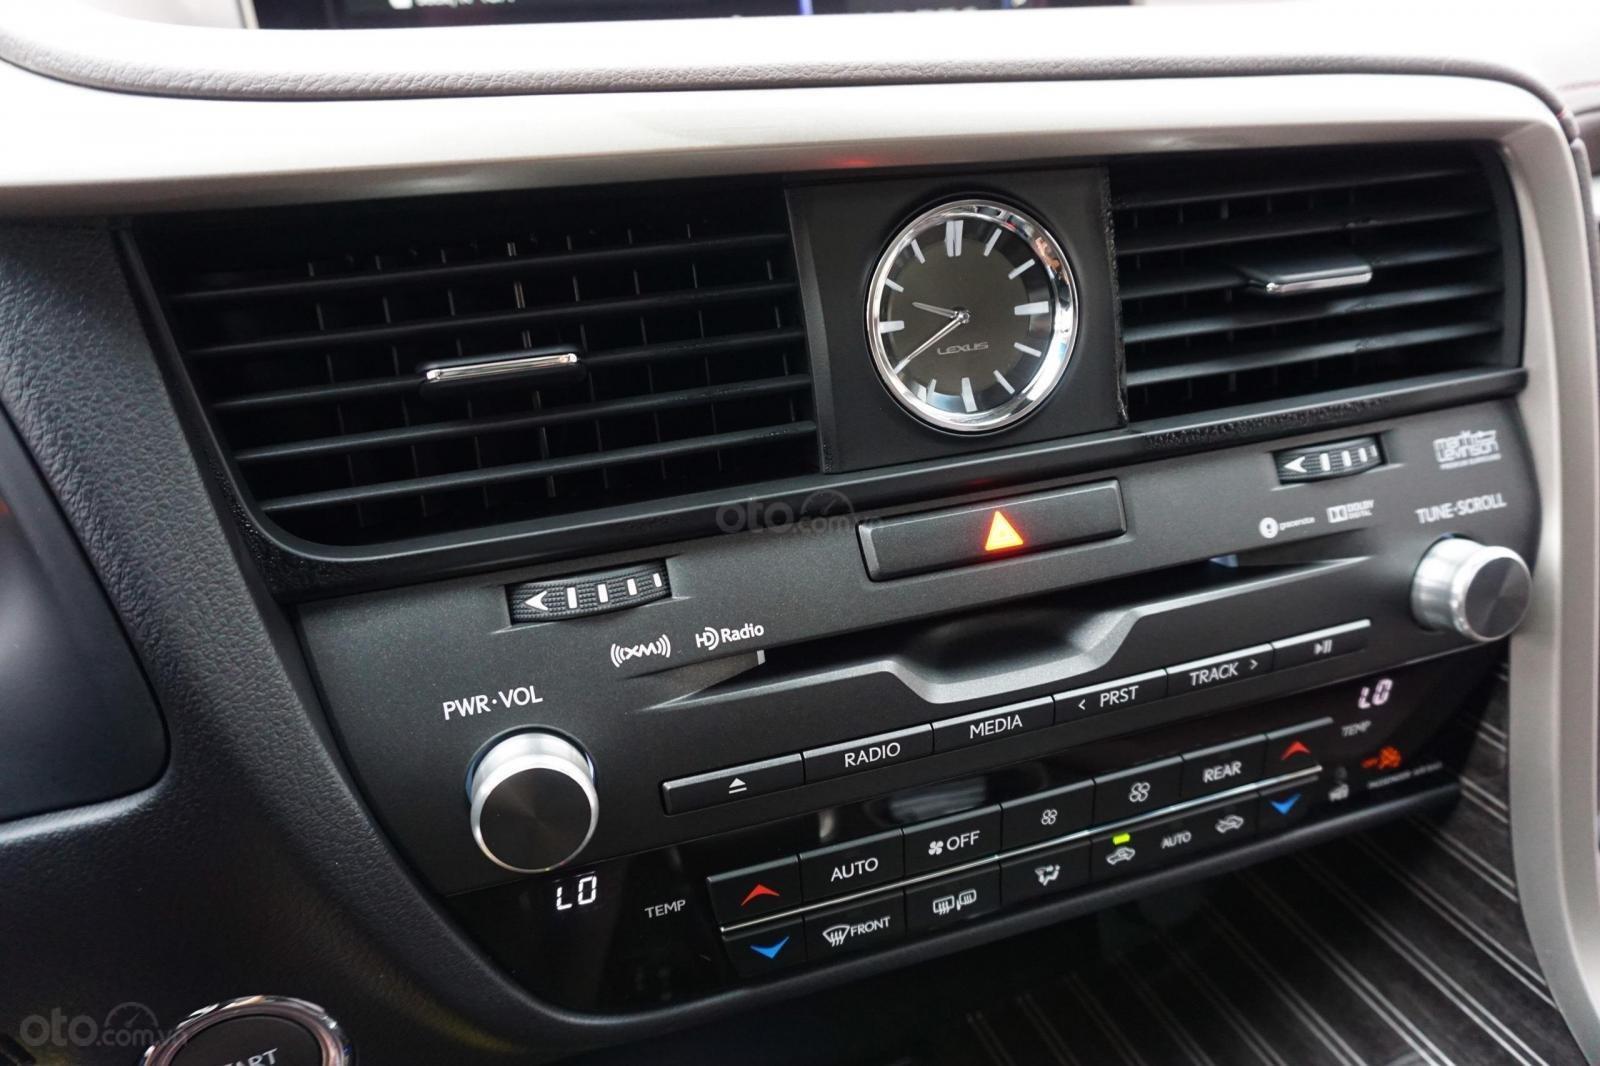 Bán Lexus RX 350 sản xuất 2019, màu đen, nhập Mỹ, giao ngay, LH 094.539.2468 Ms Hương (6)